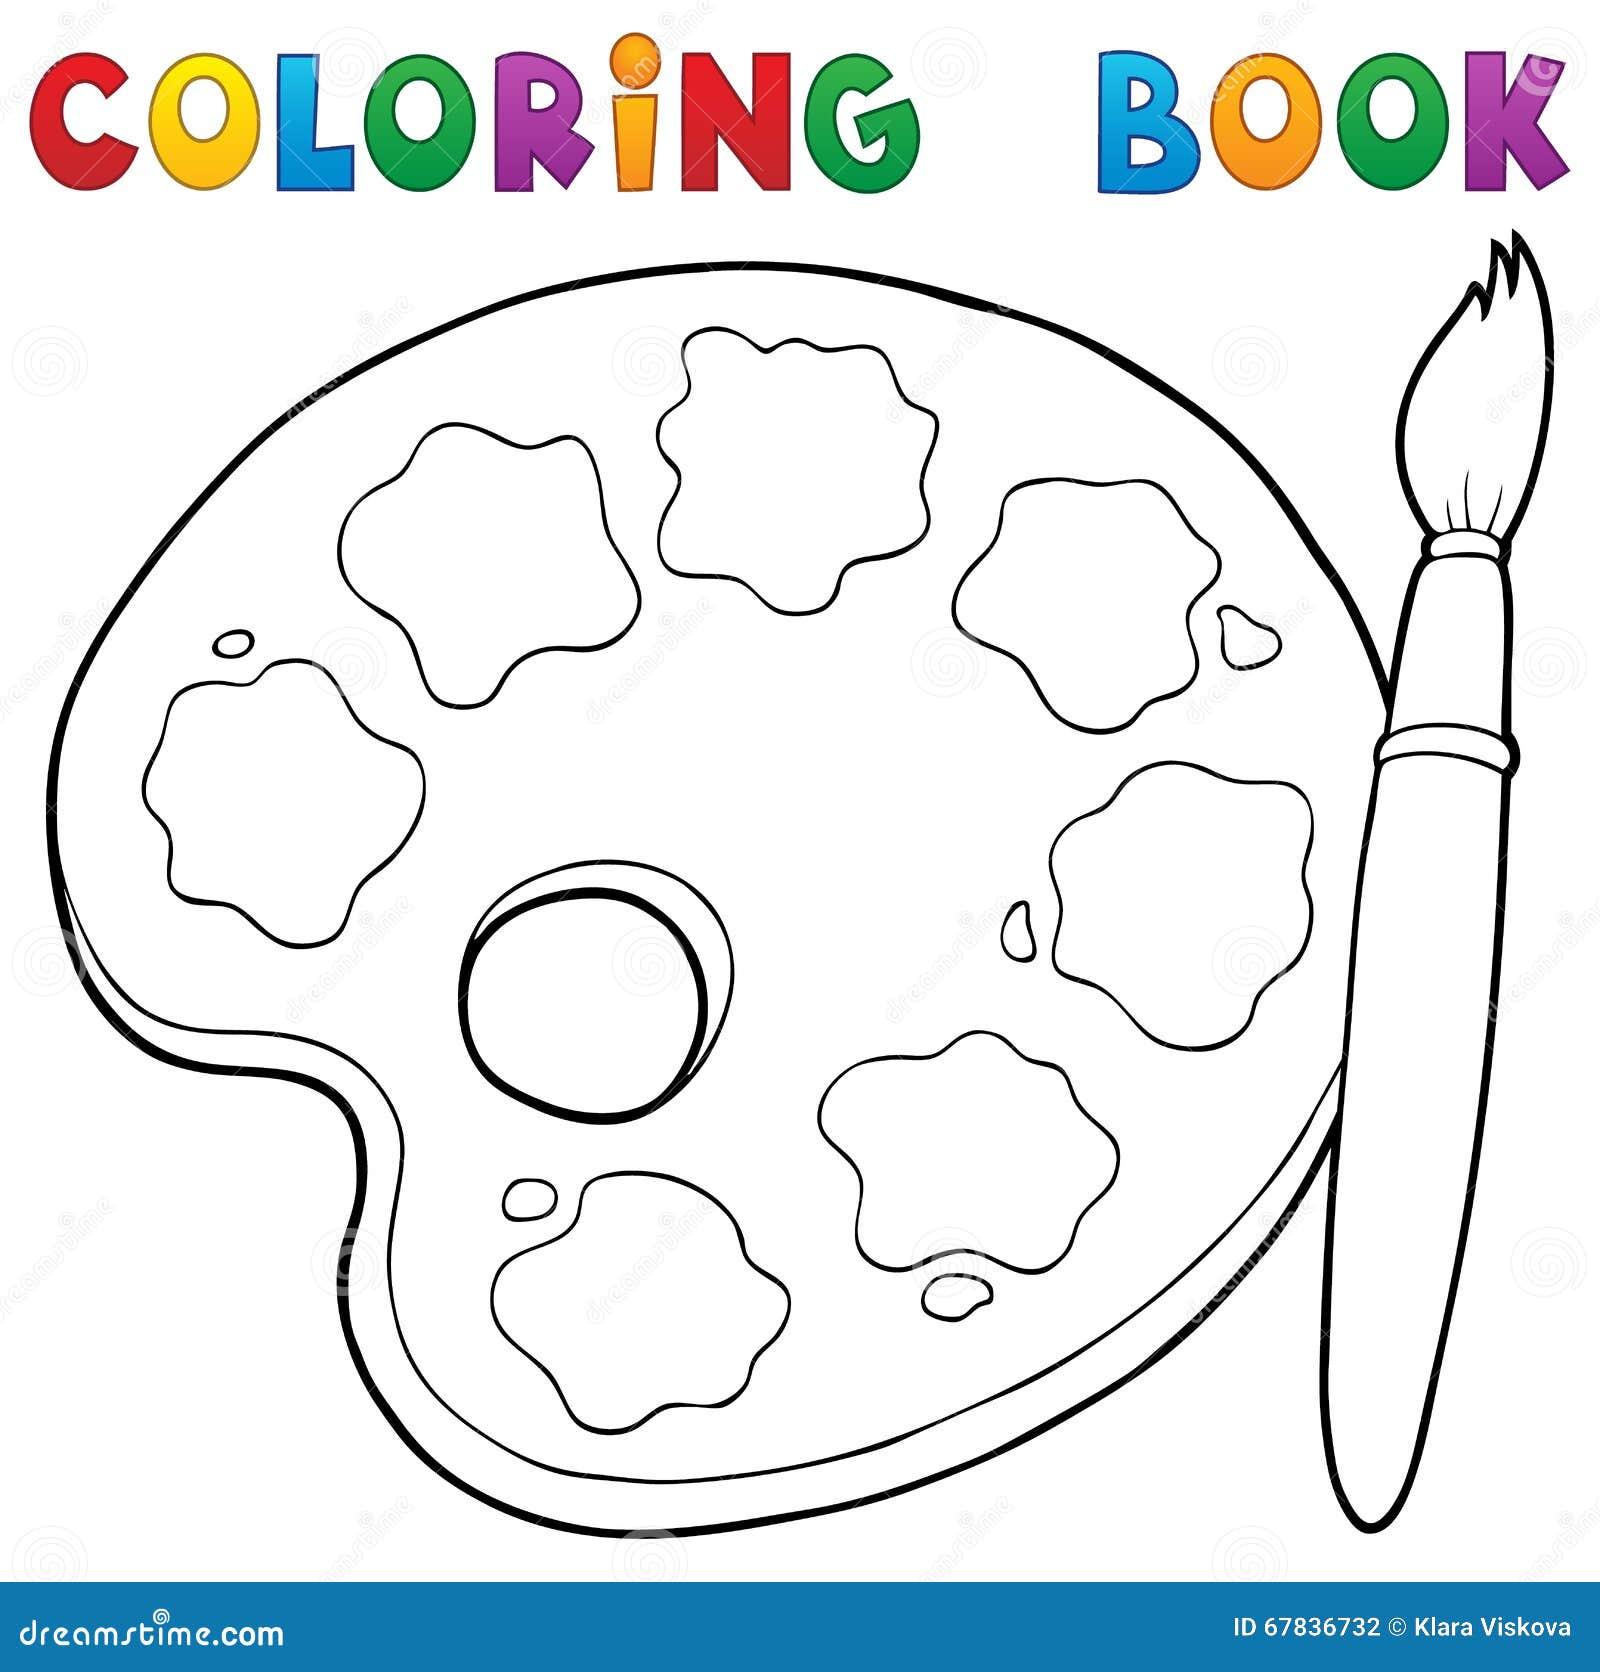 Th me 1 de palette de peinture de livre de coloriage - Palette a dessin ...